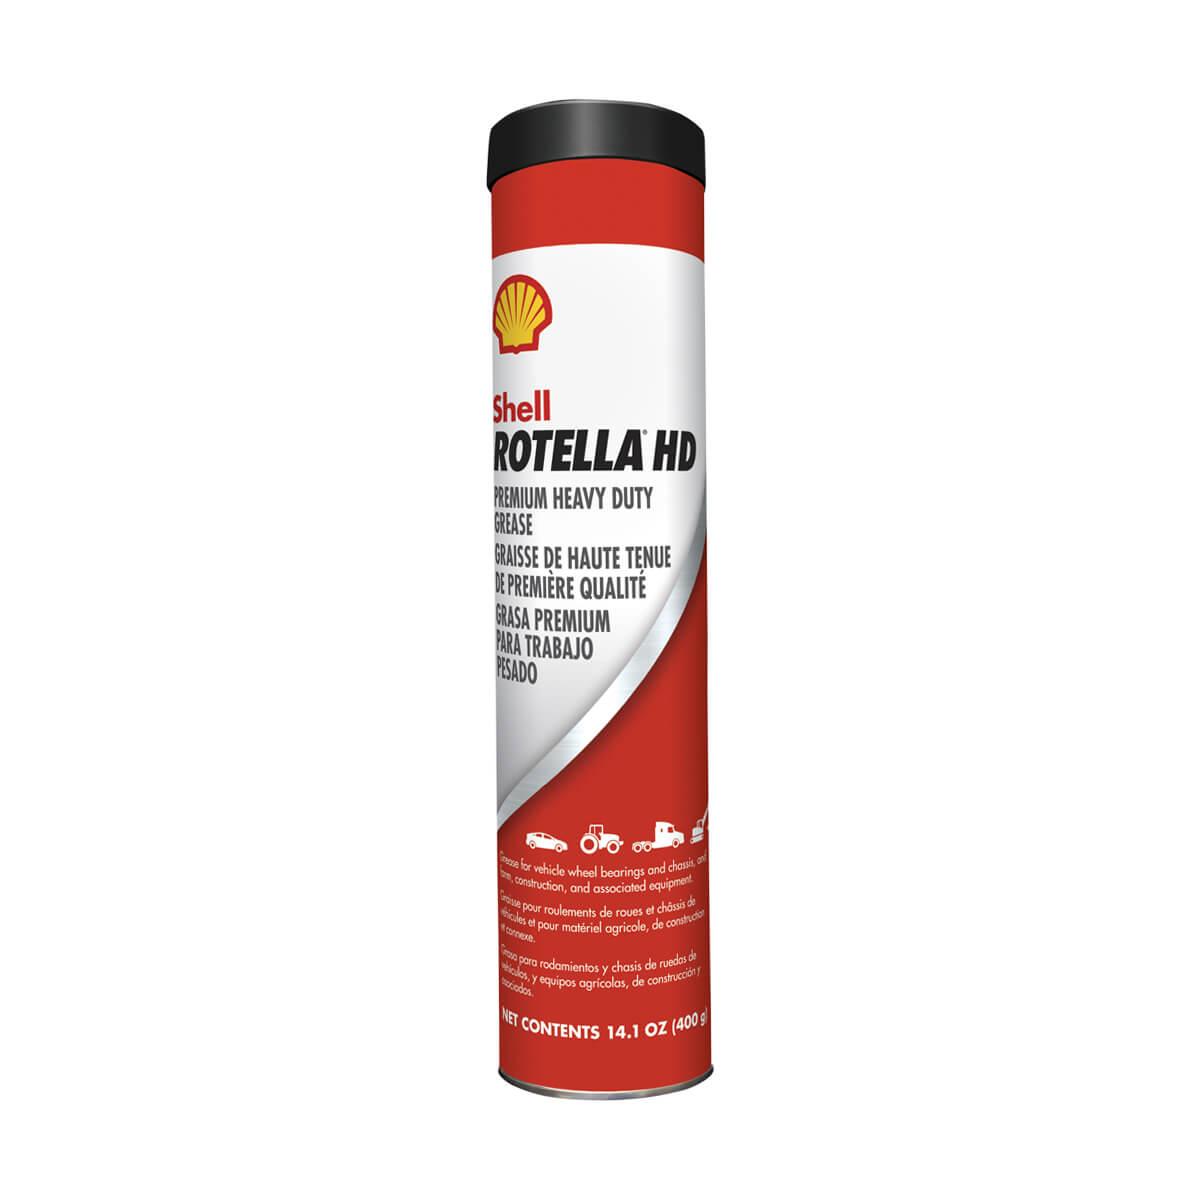 Shell ROTELLA® HD Grease 400 g